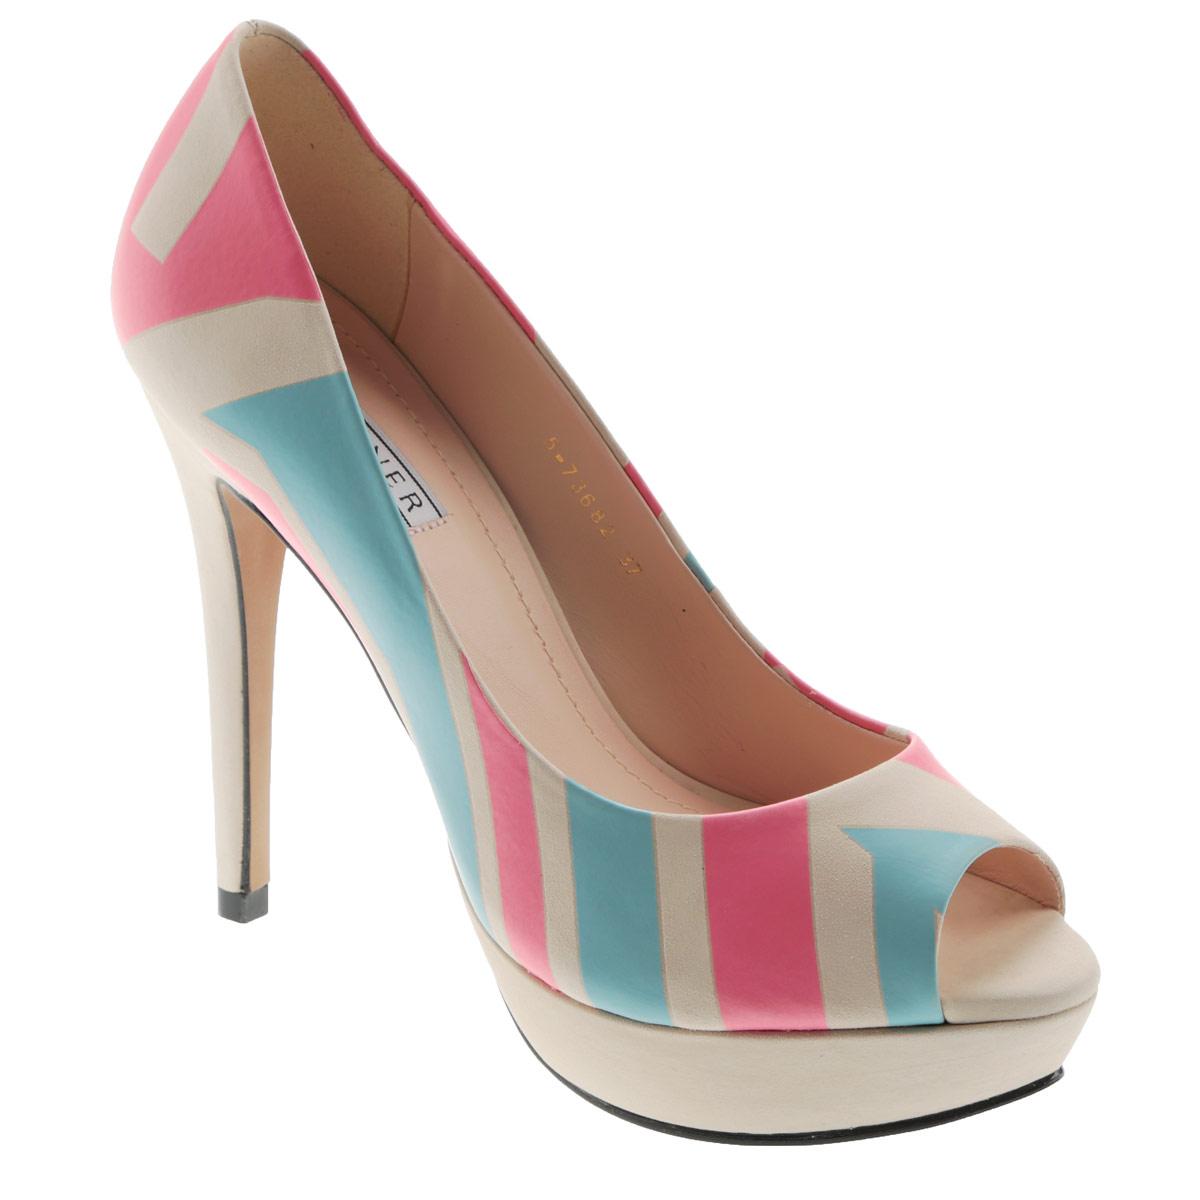 5-73682Женские туфли на шпильке от Werner прекрасно подчеркнут ваш стиль. Верх модели выполнен из натурального нубука и оформлен ярким принтом. Внутренняя часть и стелька из натуральной кожи гарантируют комфорт и удобство при ходьбе. Открытый носок смотрится невероятно женственно. Высокий каблук подчеркнет красоту и стройность ваших ног. Высоту каблука компенсирует платформа. Подошва выполнена из прочного полимера с противоскользящим рифлением. Такие туфли станут прекрасным дополнением вашего гардероба. Они сделают вас ярче и подчеркнут вашу индивидуальность!